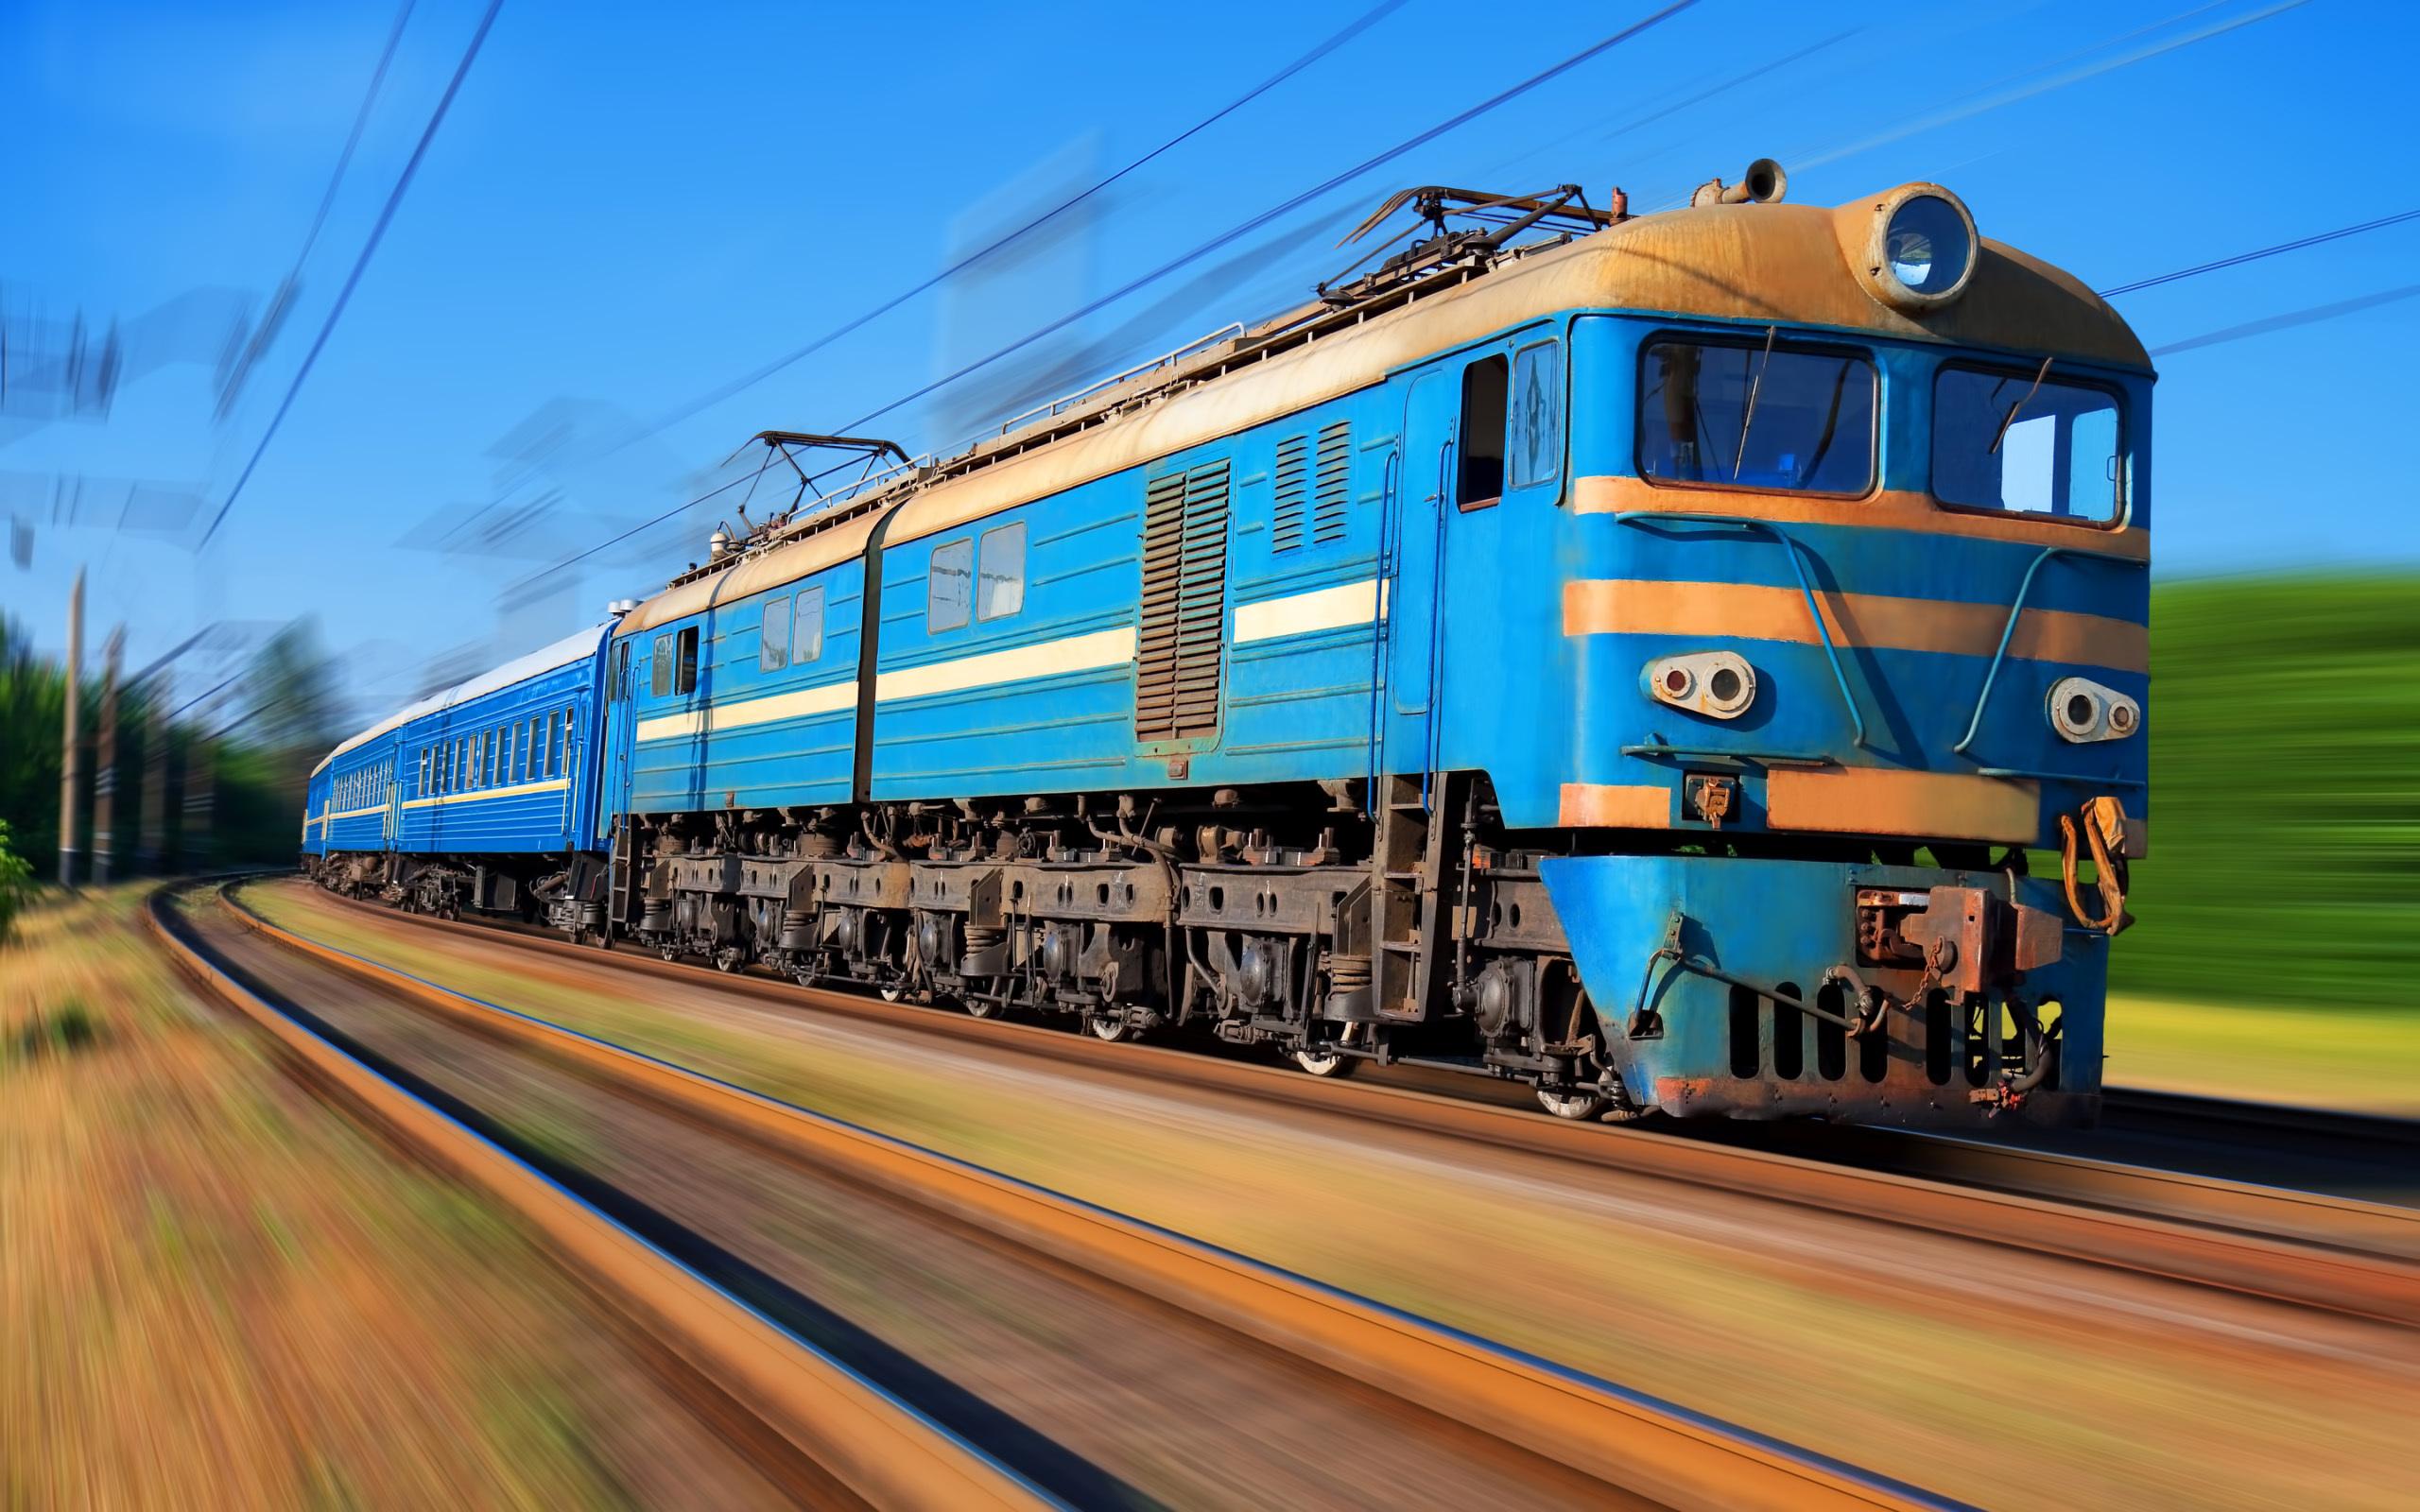 37718壁紙のダウンロード輸送, 列車-スクリーンセーバーと写真を無料で